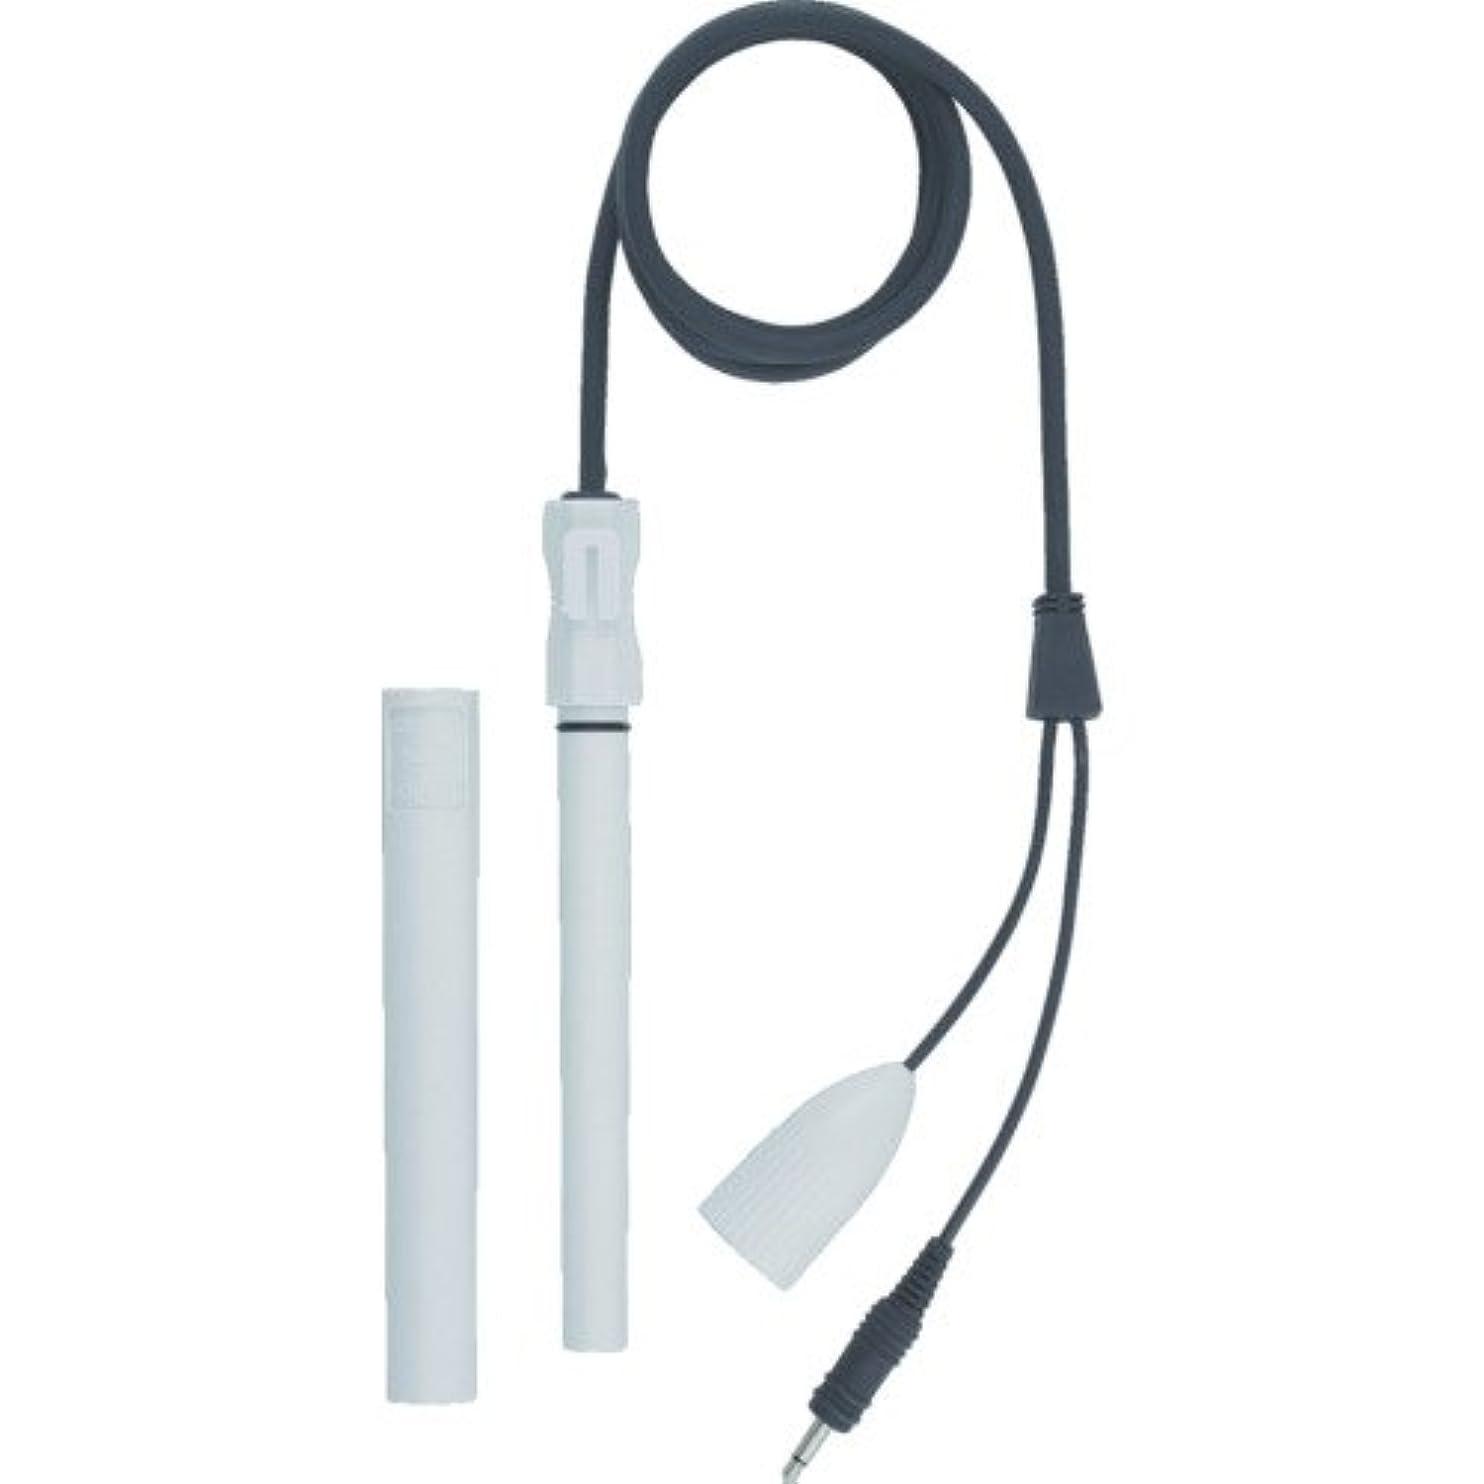 安定した表向き用量タニタ 残留塩素計用CLセンサー EW-521CS